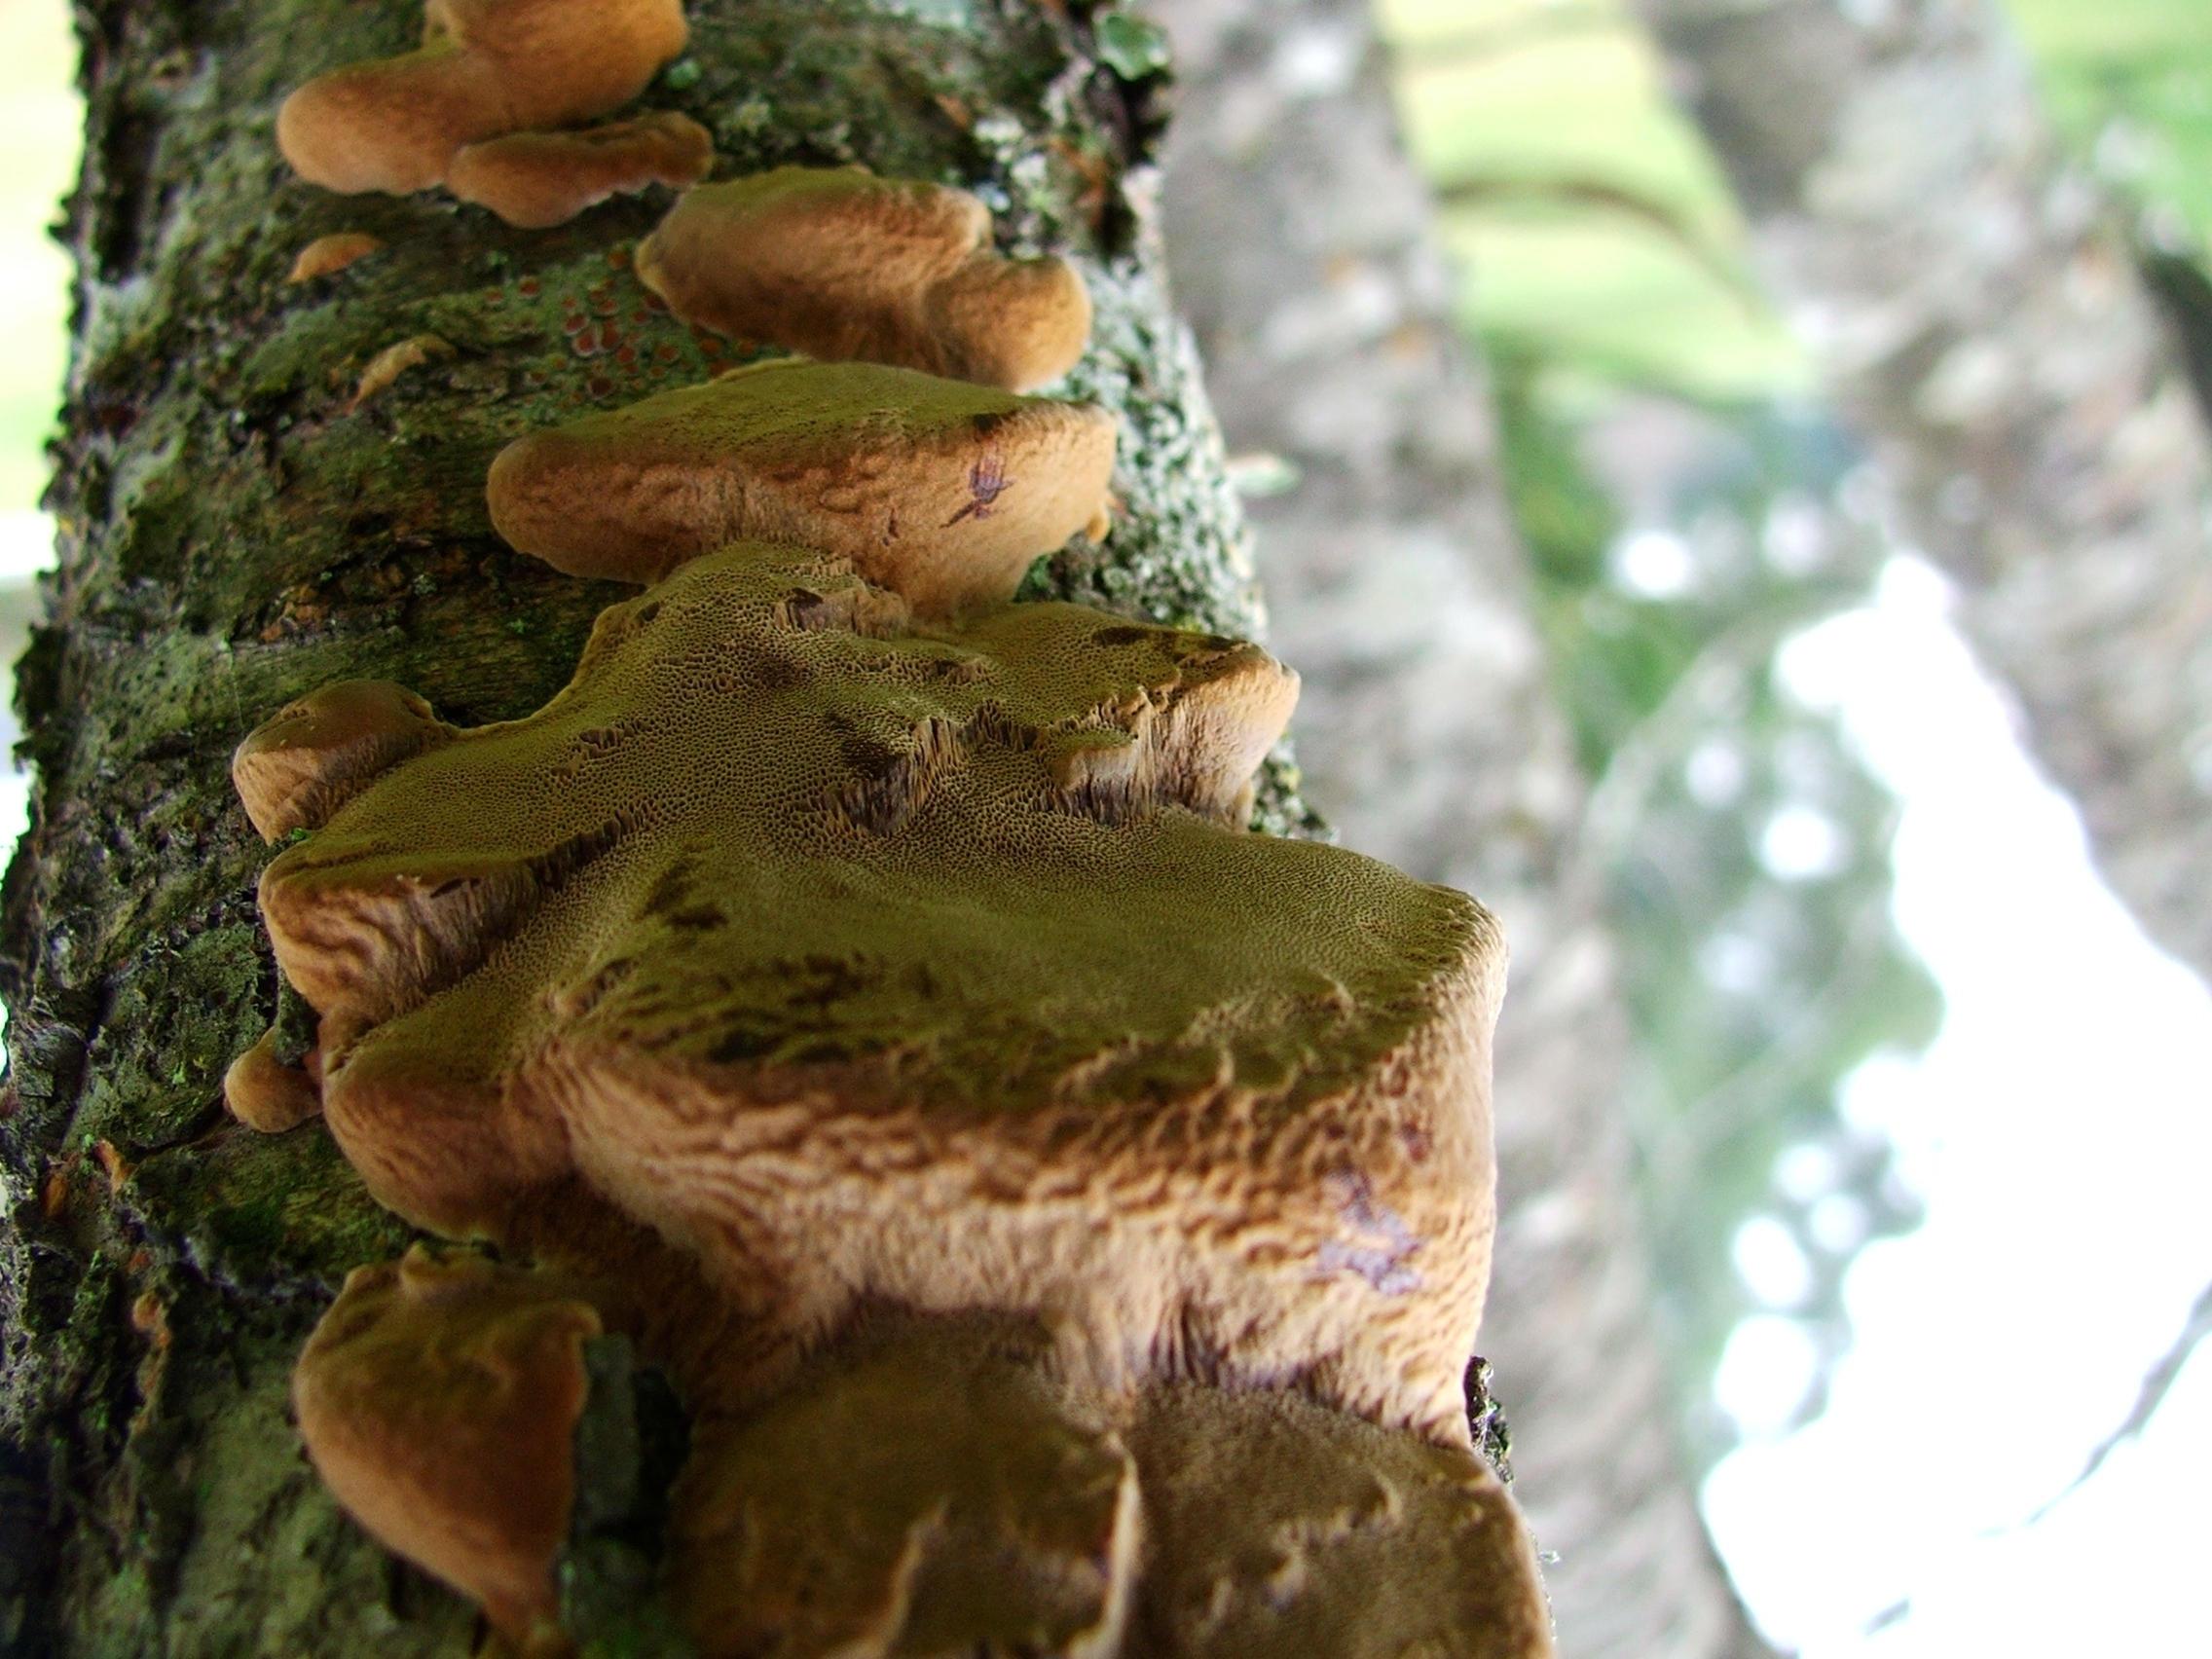 Pubg By Sodano On Deviantart: Infected Mushroom By Virgensuicida On DeviantArt